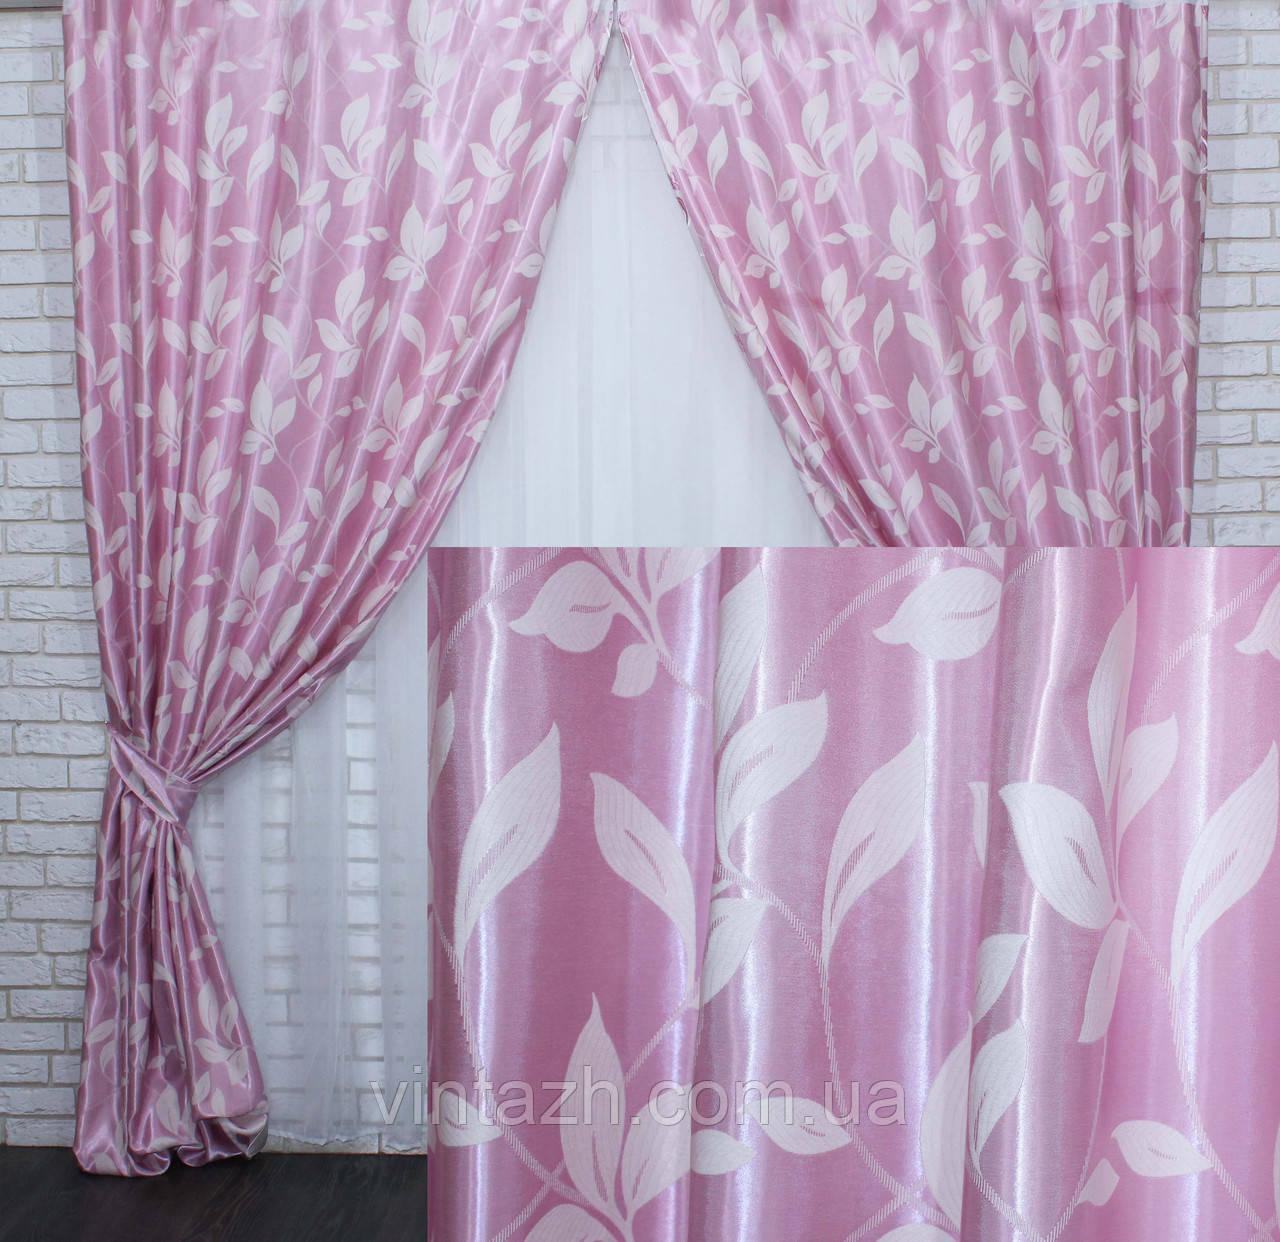 Комплект штор в розовом тоне в интернет магазине